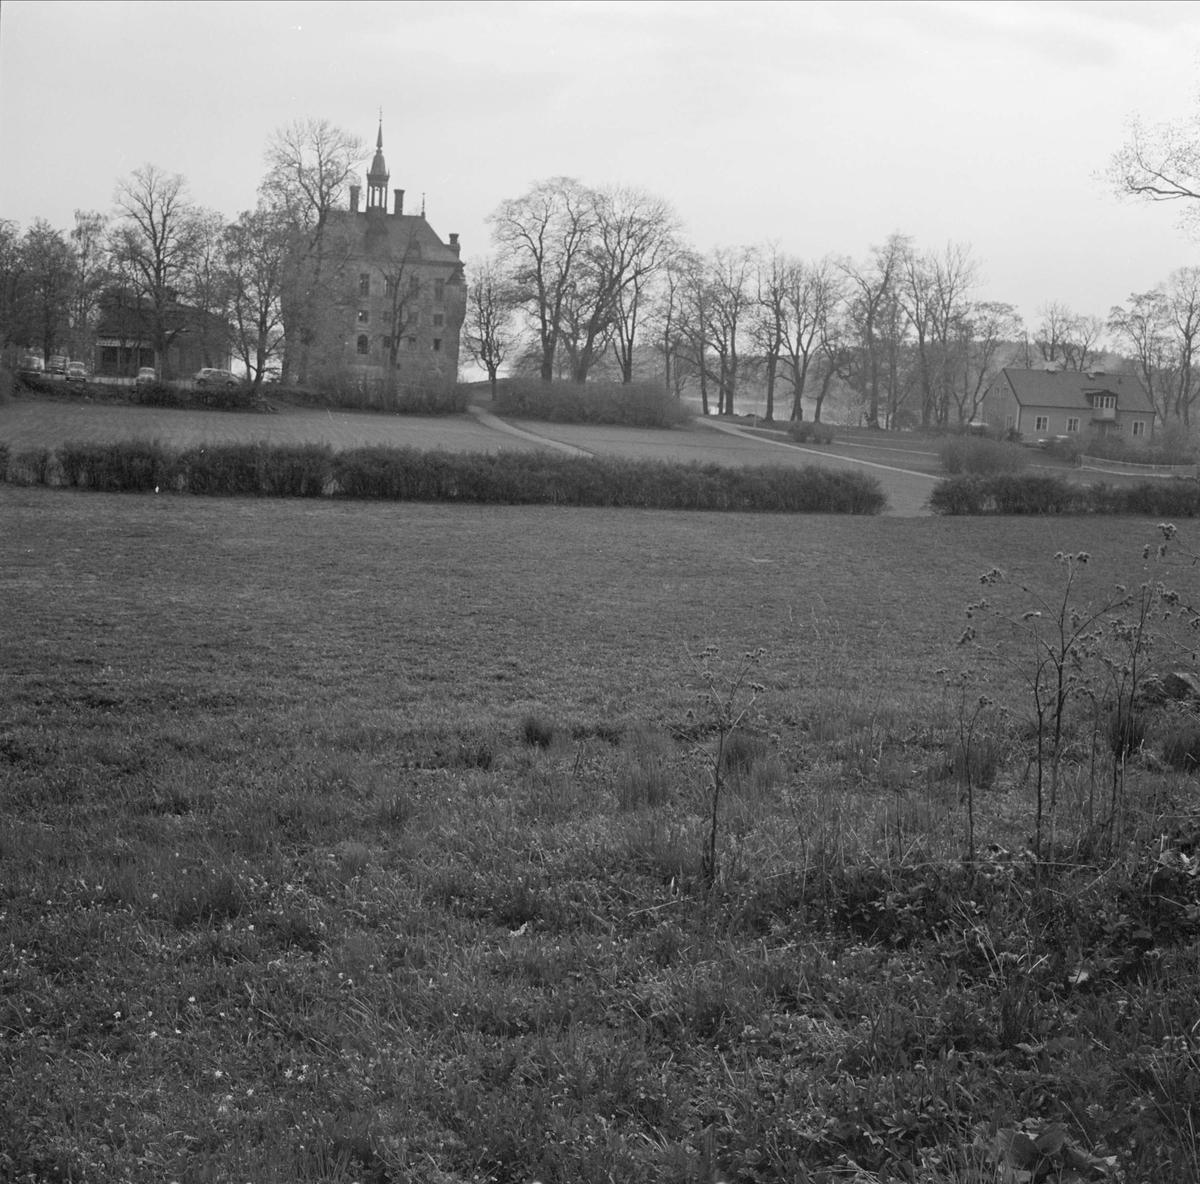 Parkområde vid Wiks slott, Vik, Balingsta socken, Uppland 1965